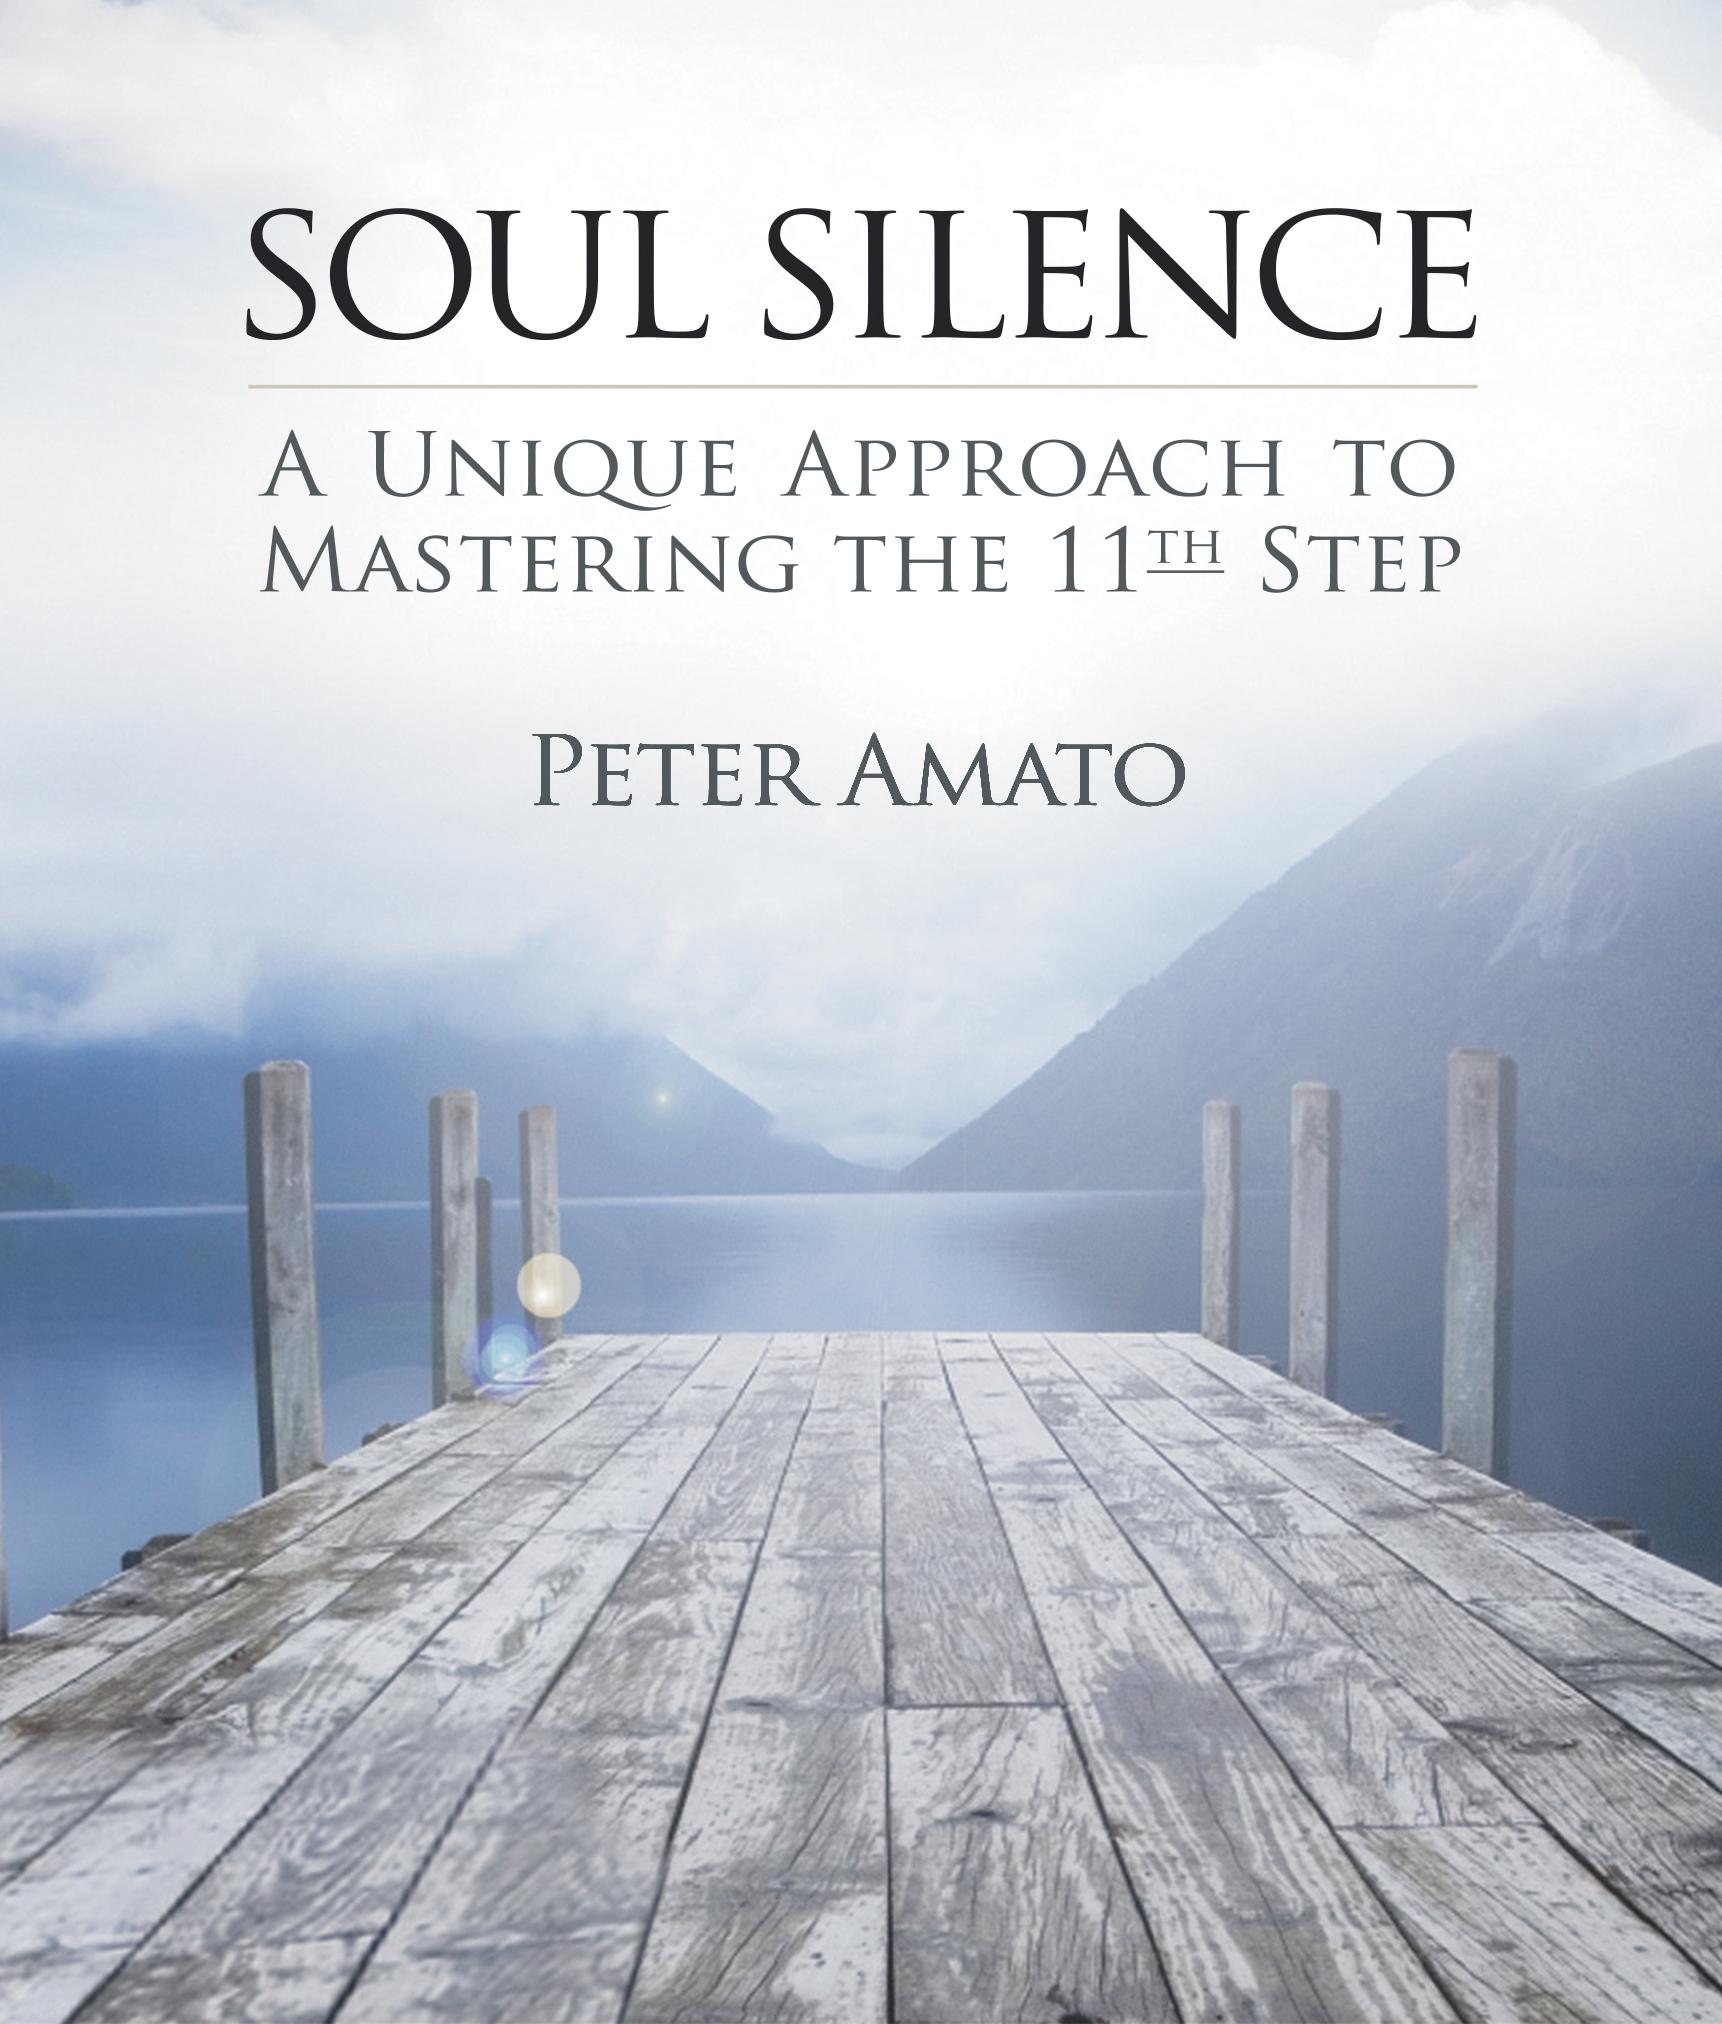 soulsilence-book.jpg